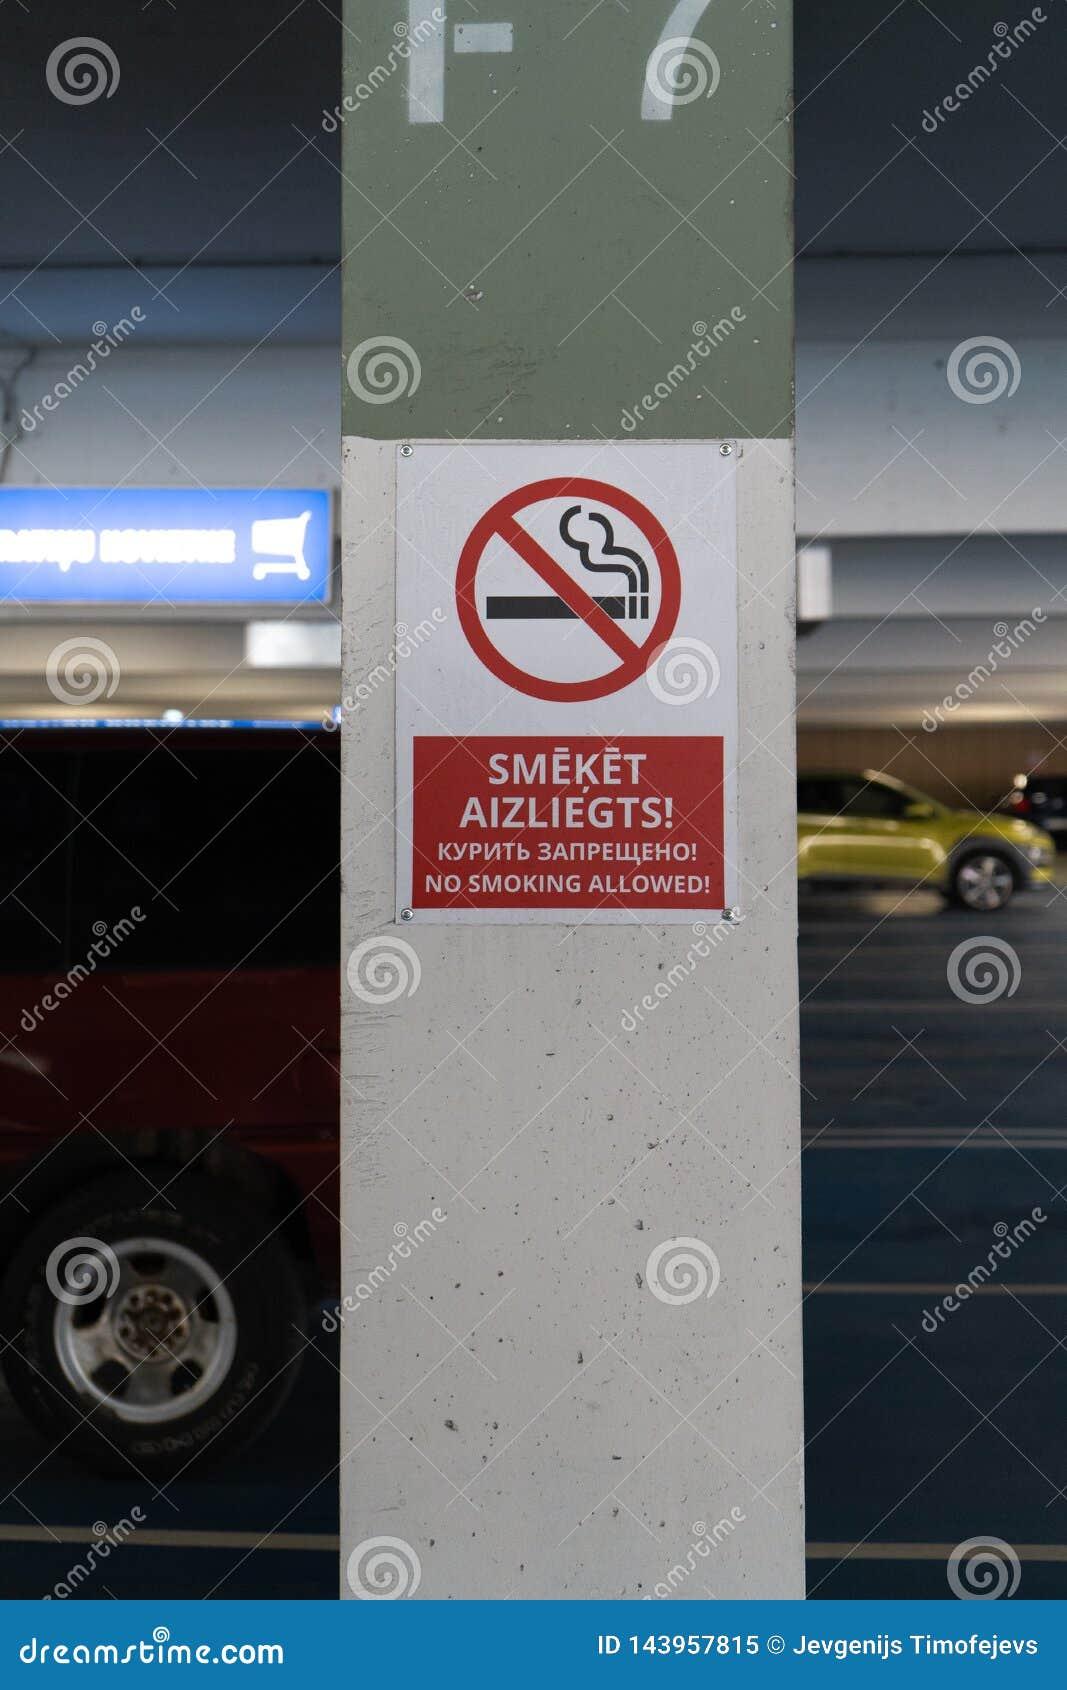 Красное для некурящих allower подписывает в 3 языках в подземной стоянке с автомобилями видимыми на заднем плане